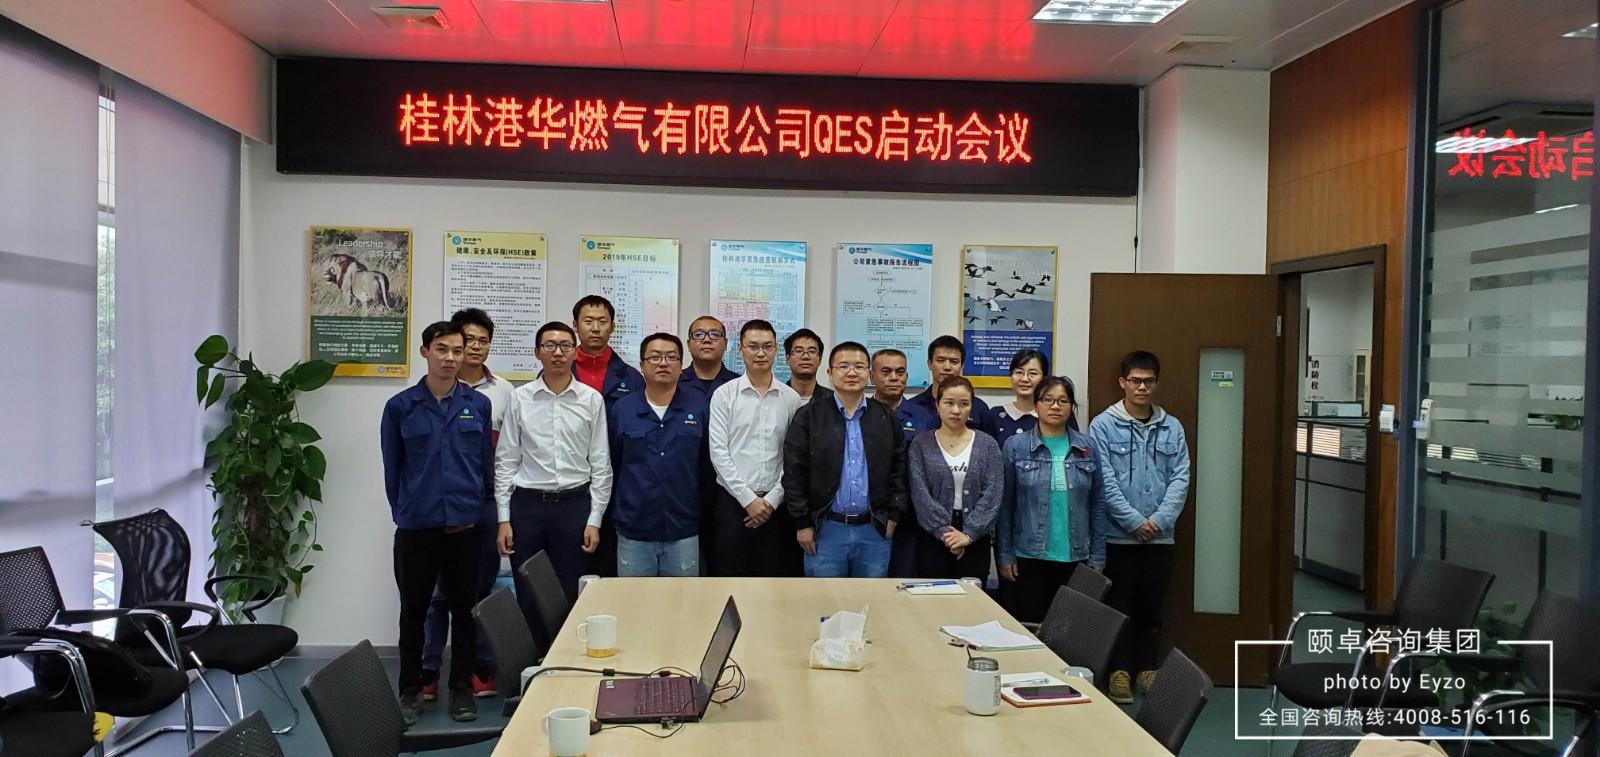 祝贺香港港华成功导入ISO9001、ISO14001、ISO45001三标管理系统